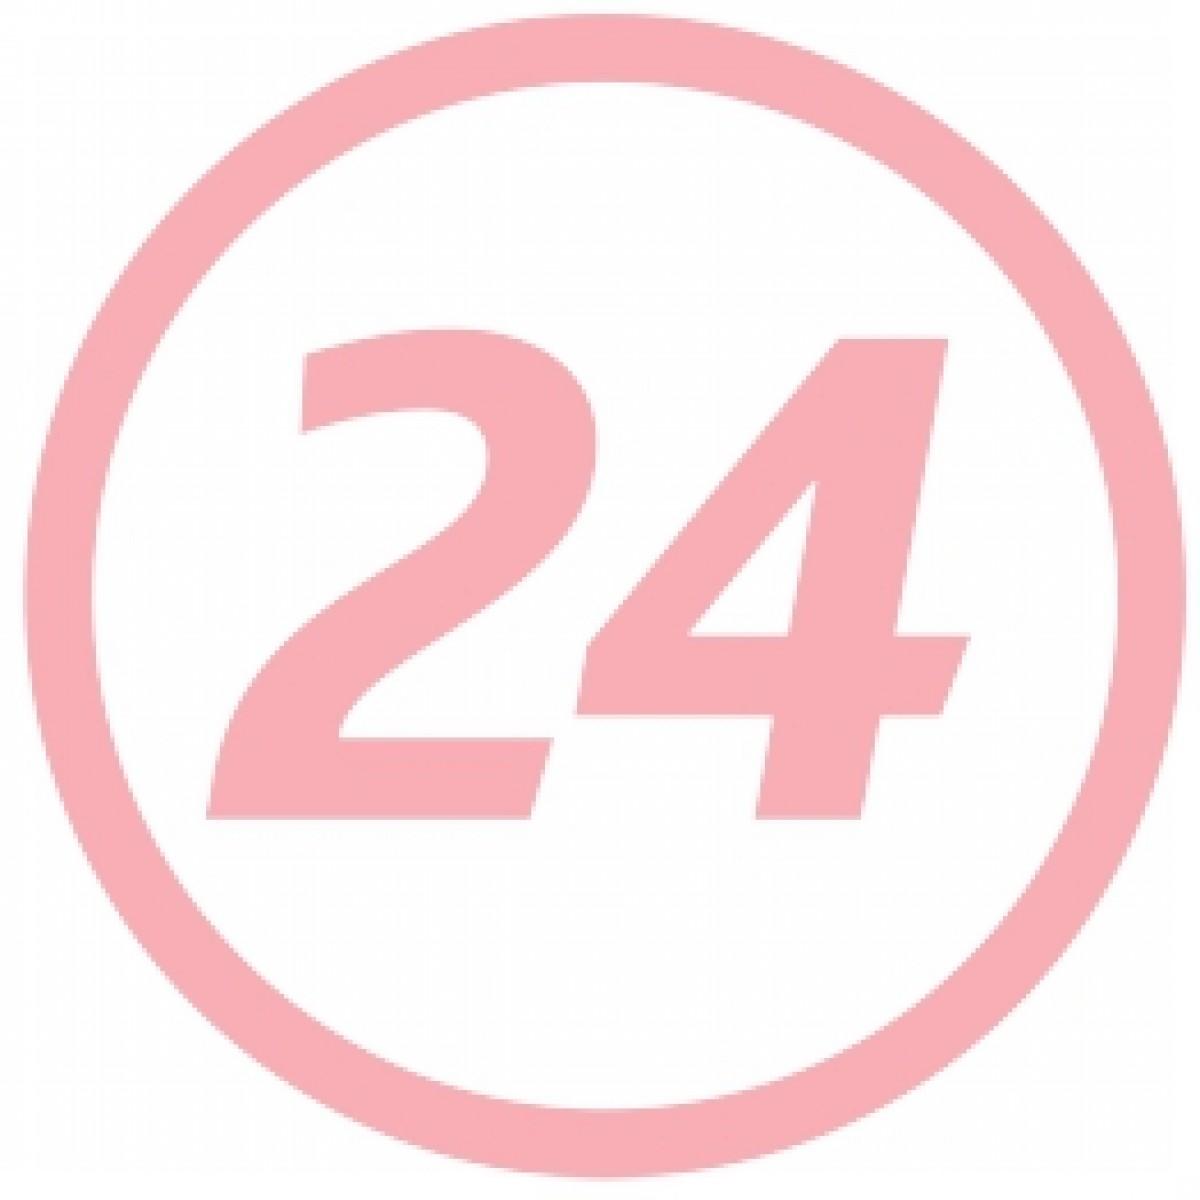 VICHY Neovadiol Nuit Cremă Reactivatoare Fundamentală Pentru Tenul Matur, 50 ml